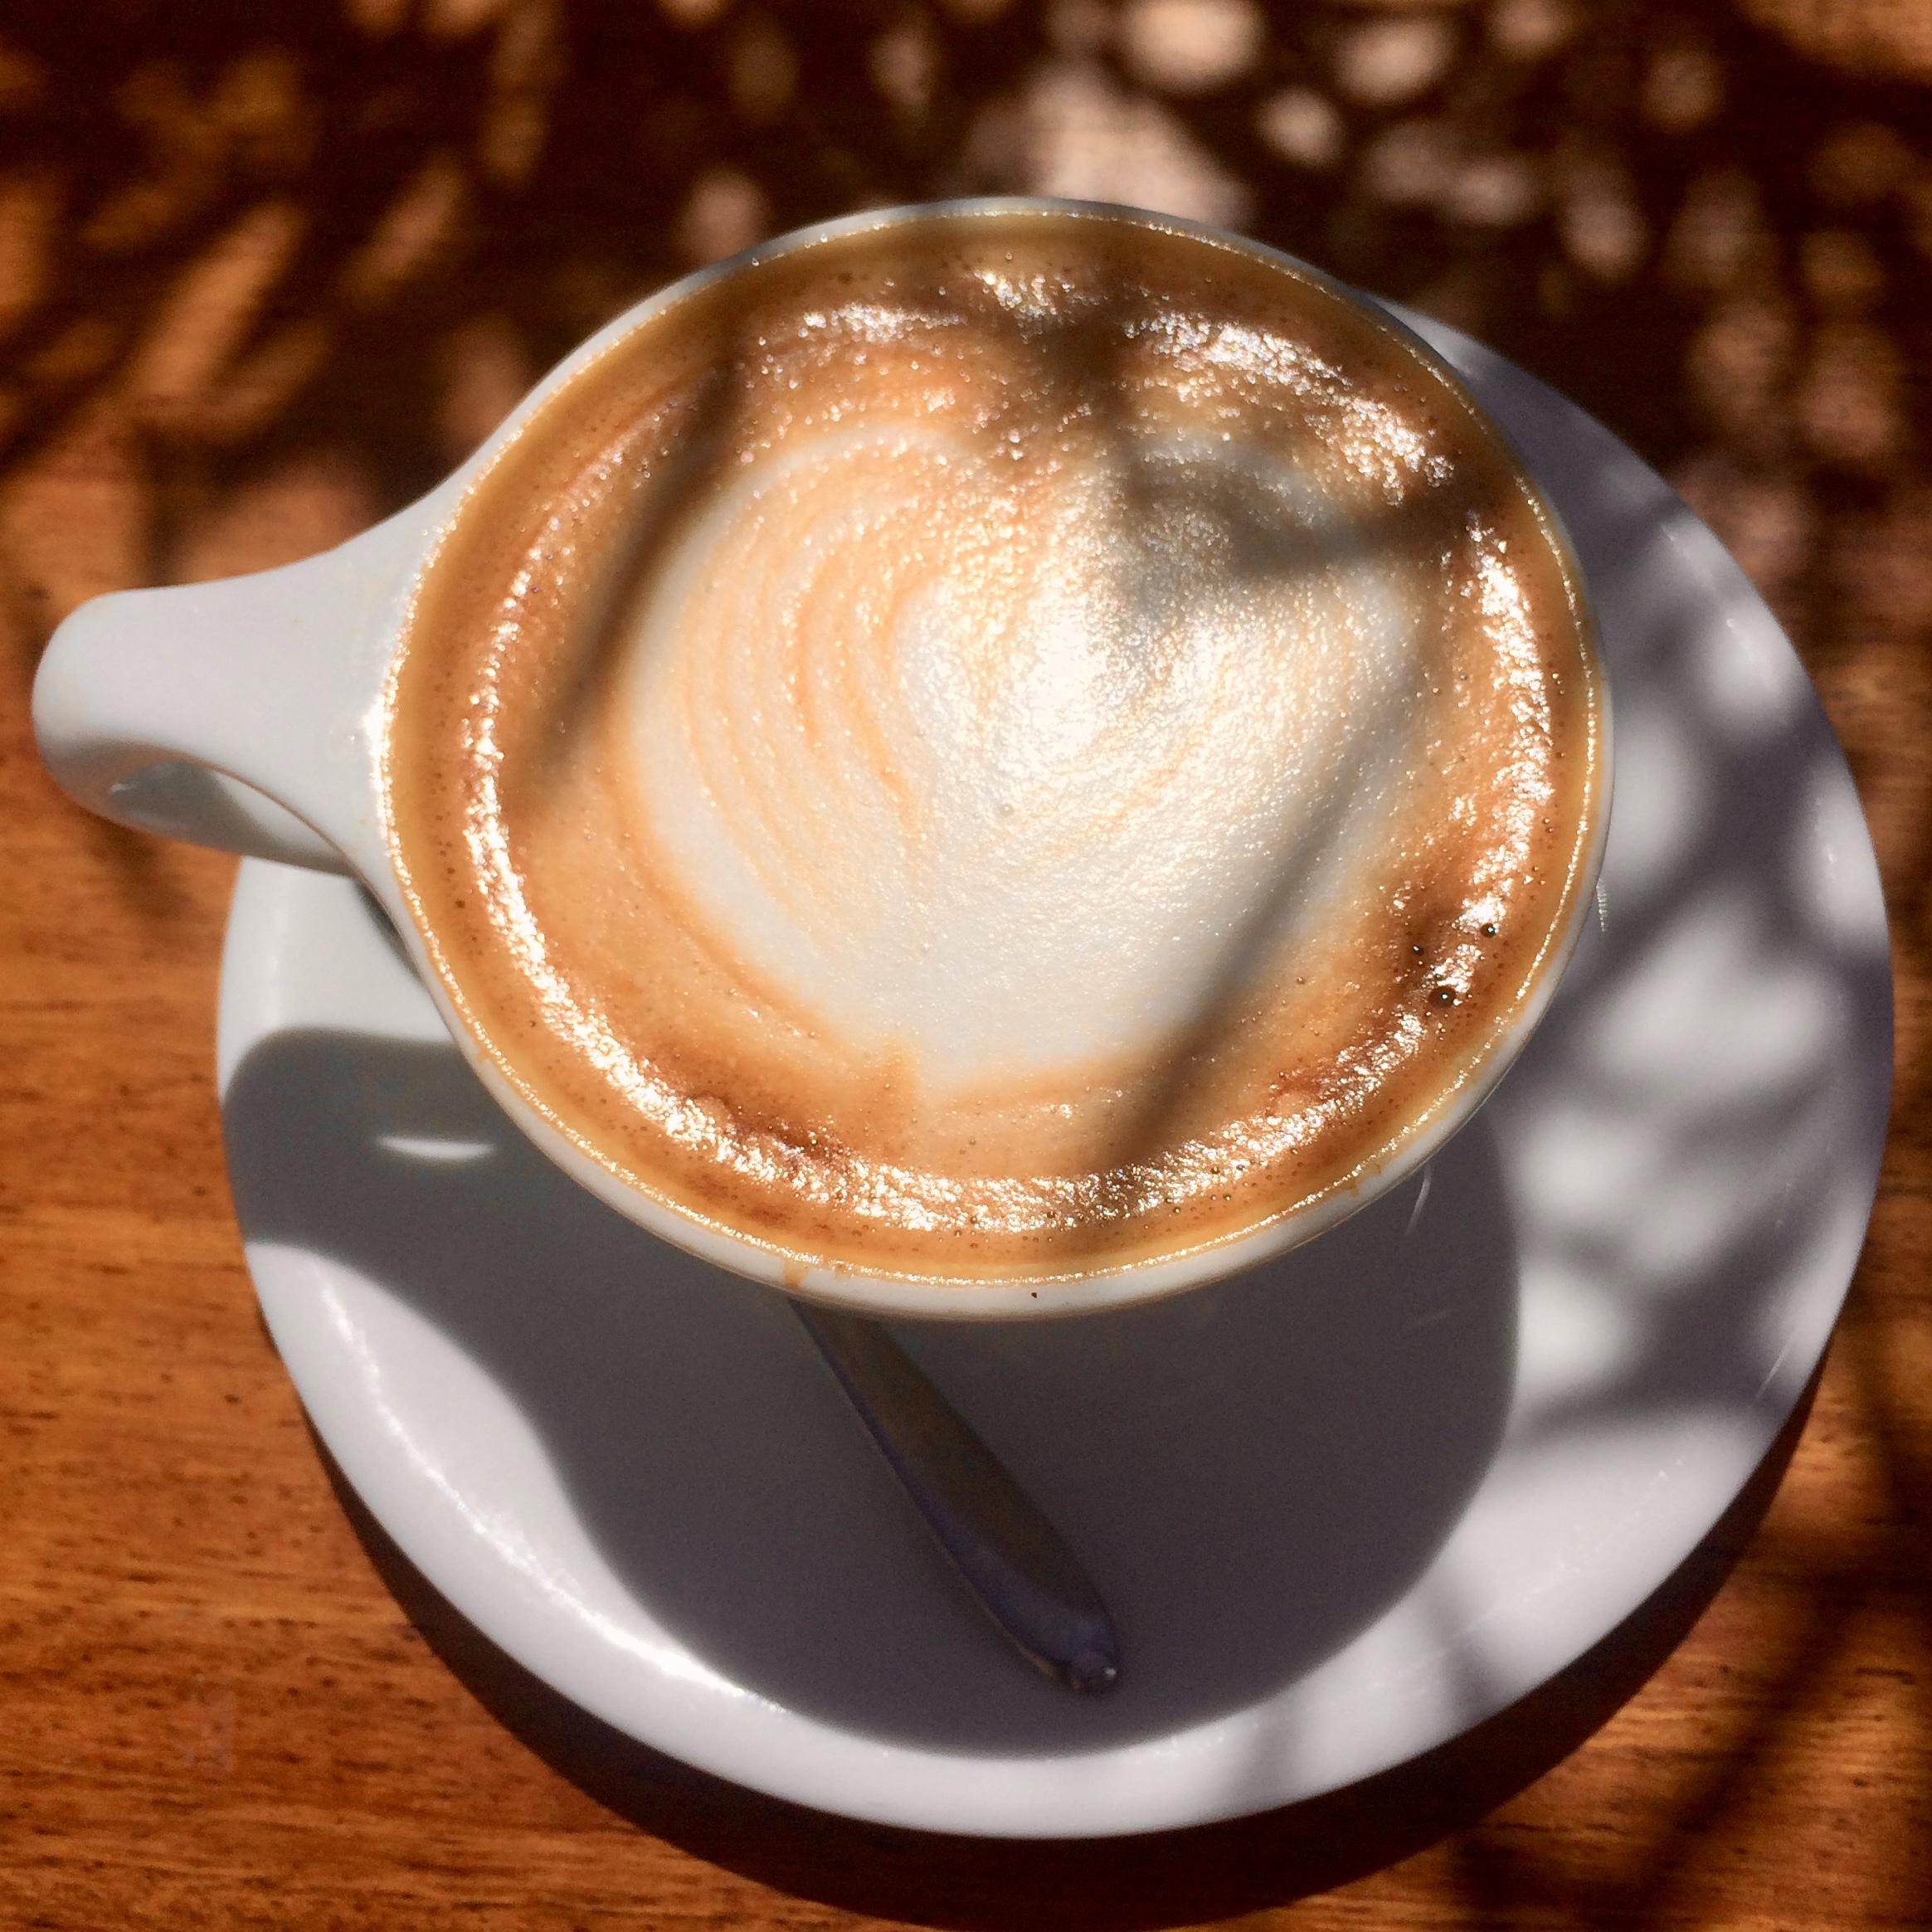 Coffee; Solana Beach, California